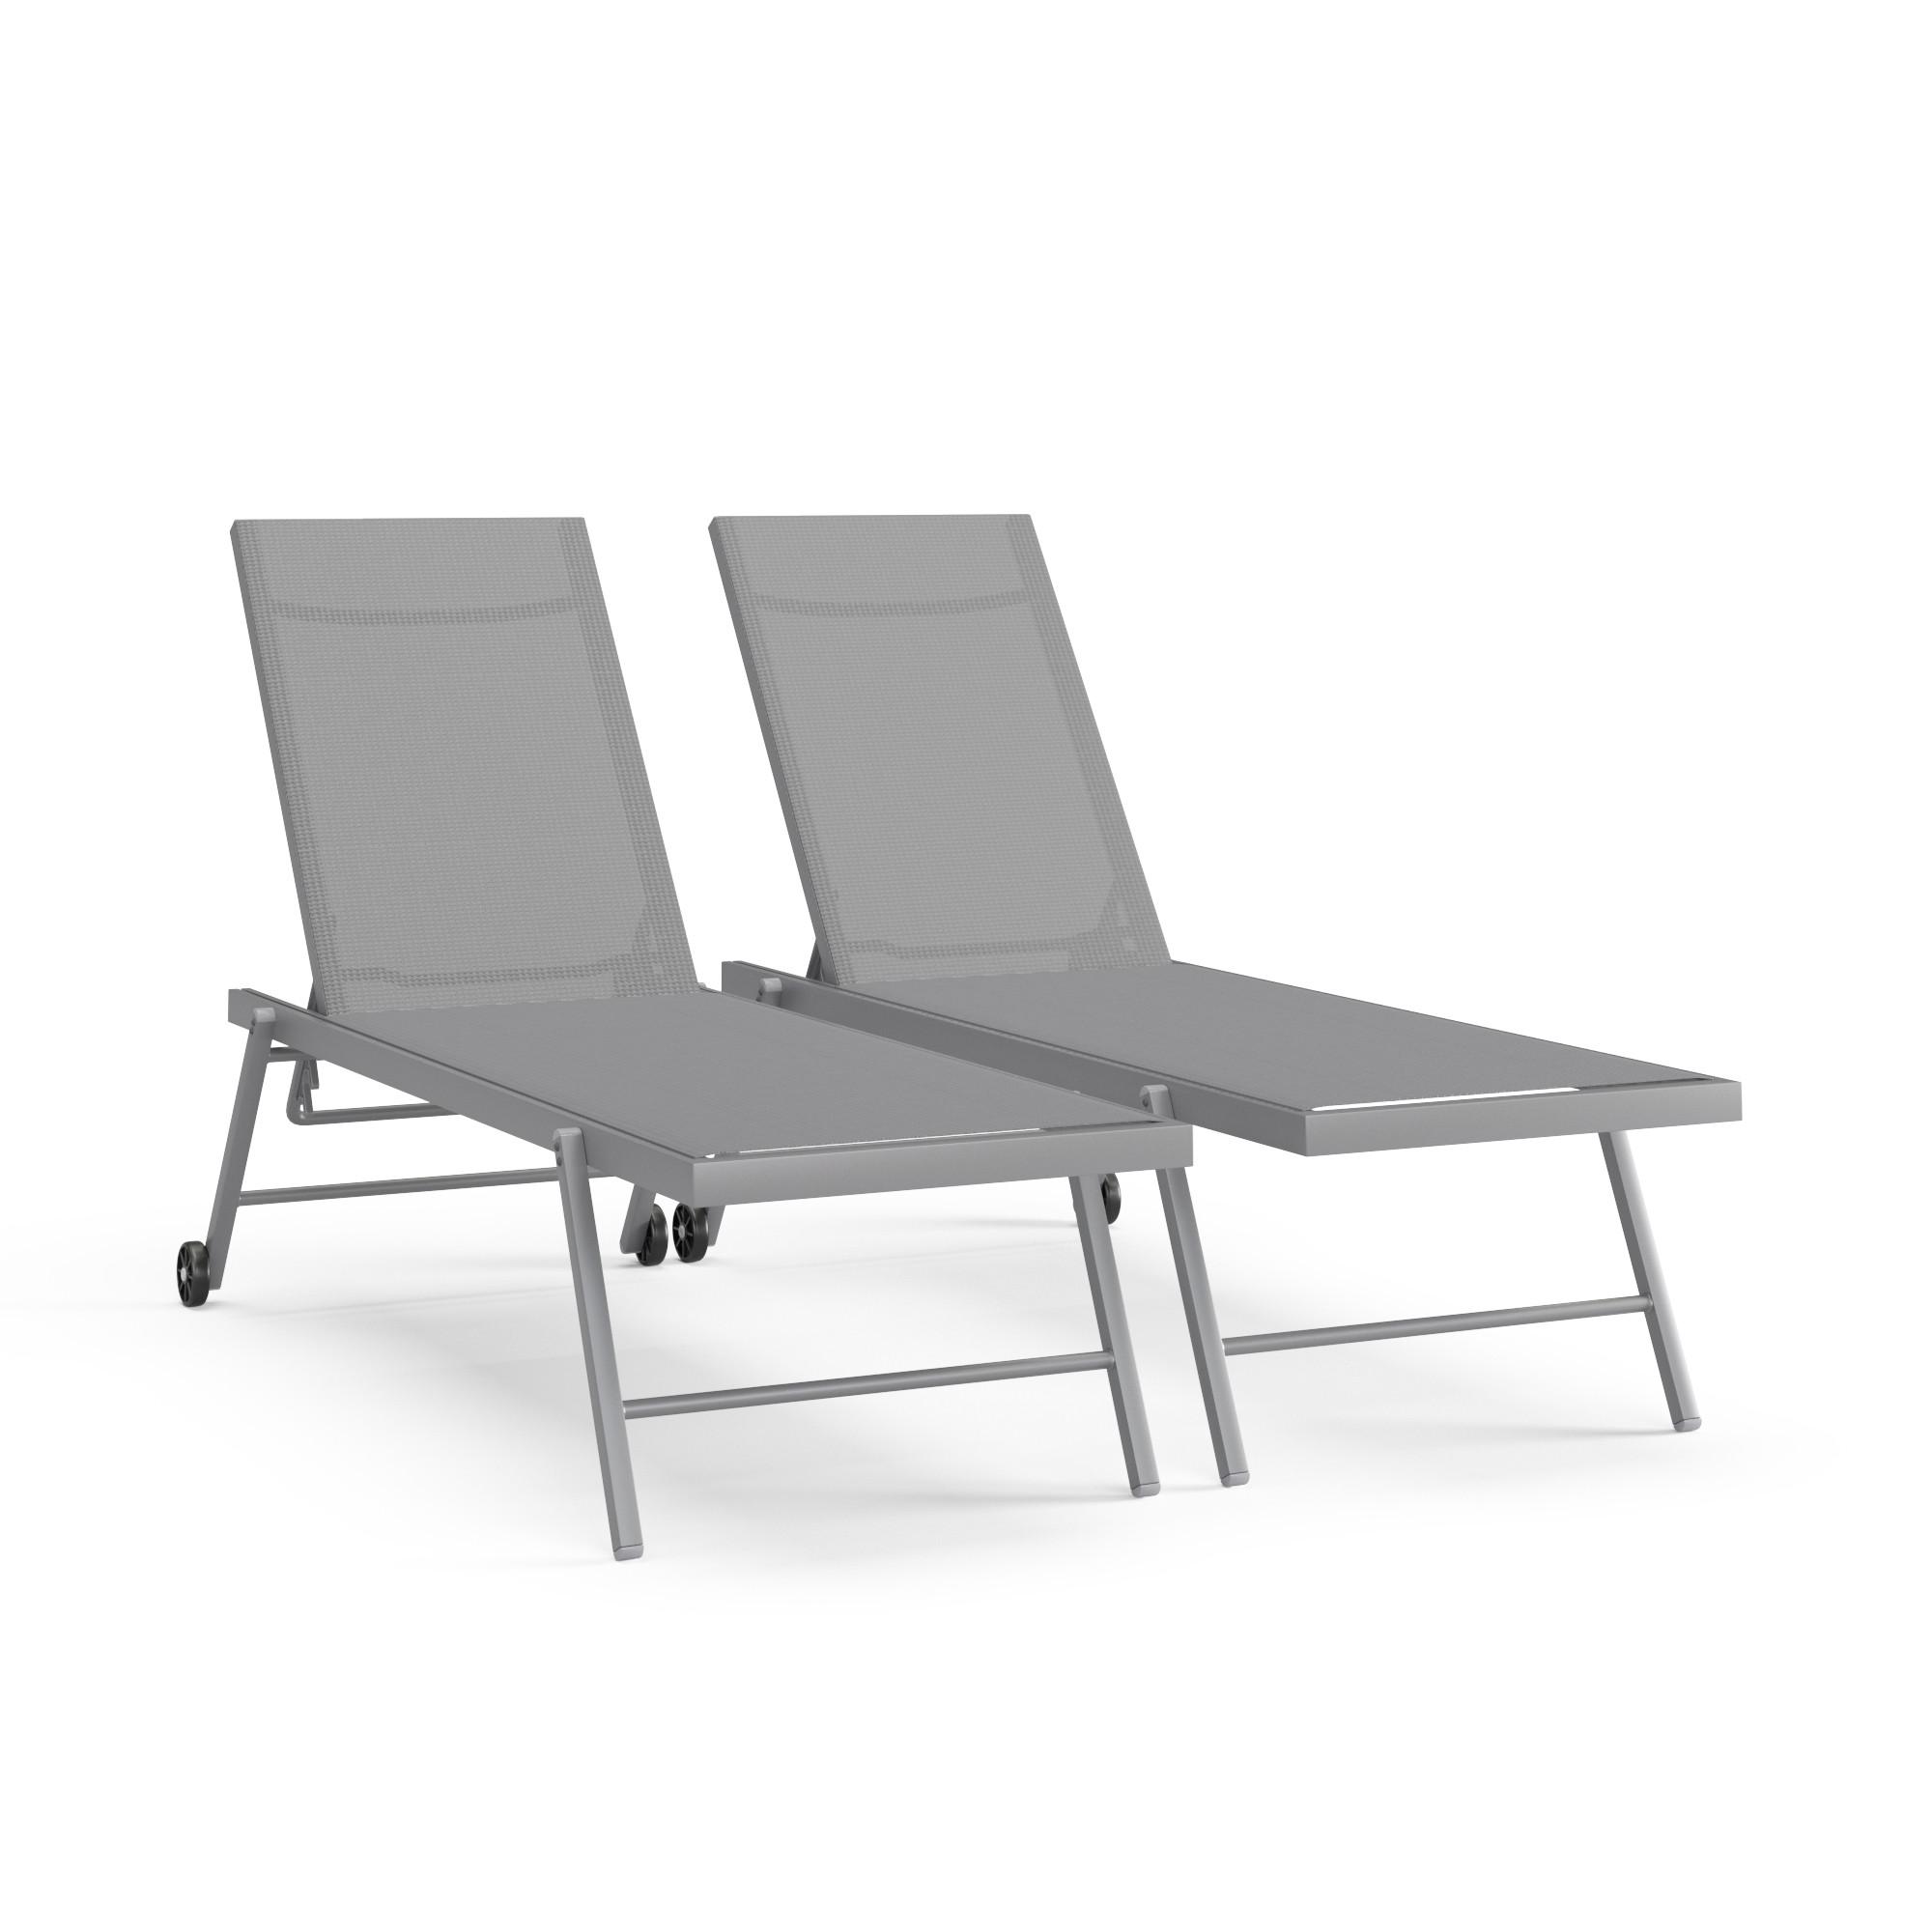 ALIA - Transat inclinable en textilène argenté et gris clair